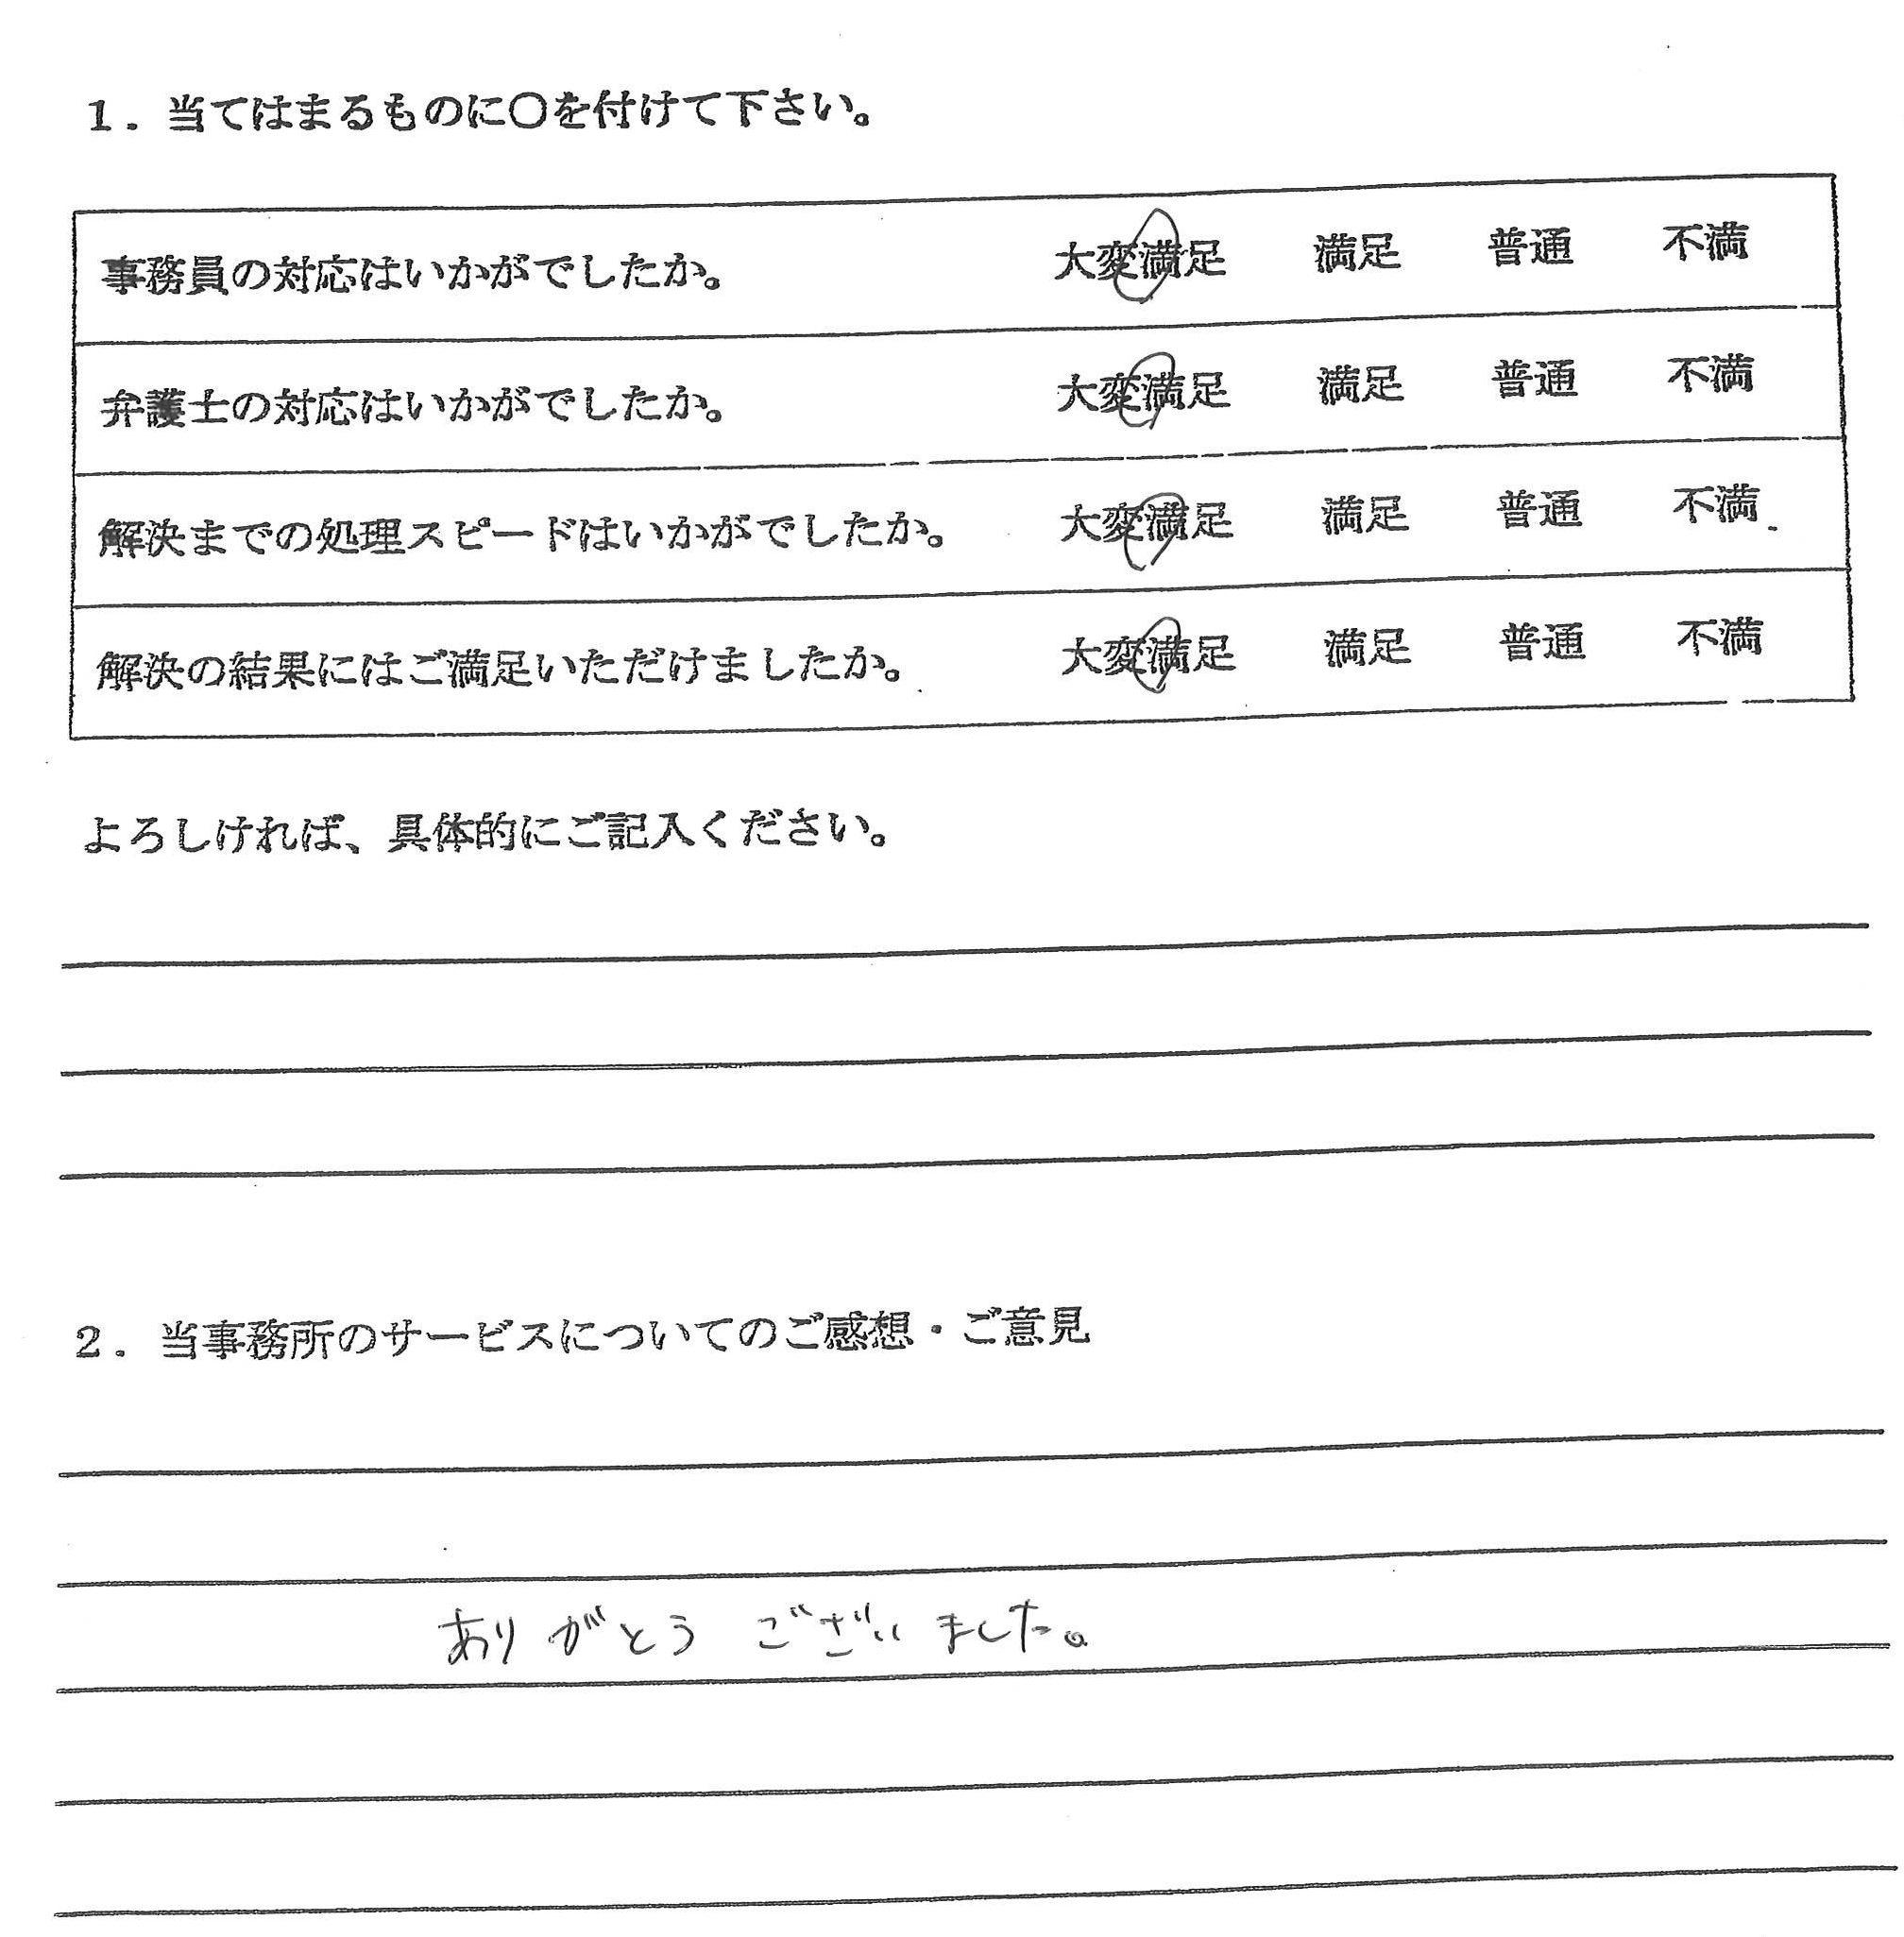 春日井市 20代男性(債務整理・自己破産) : ありがとうございました。